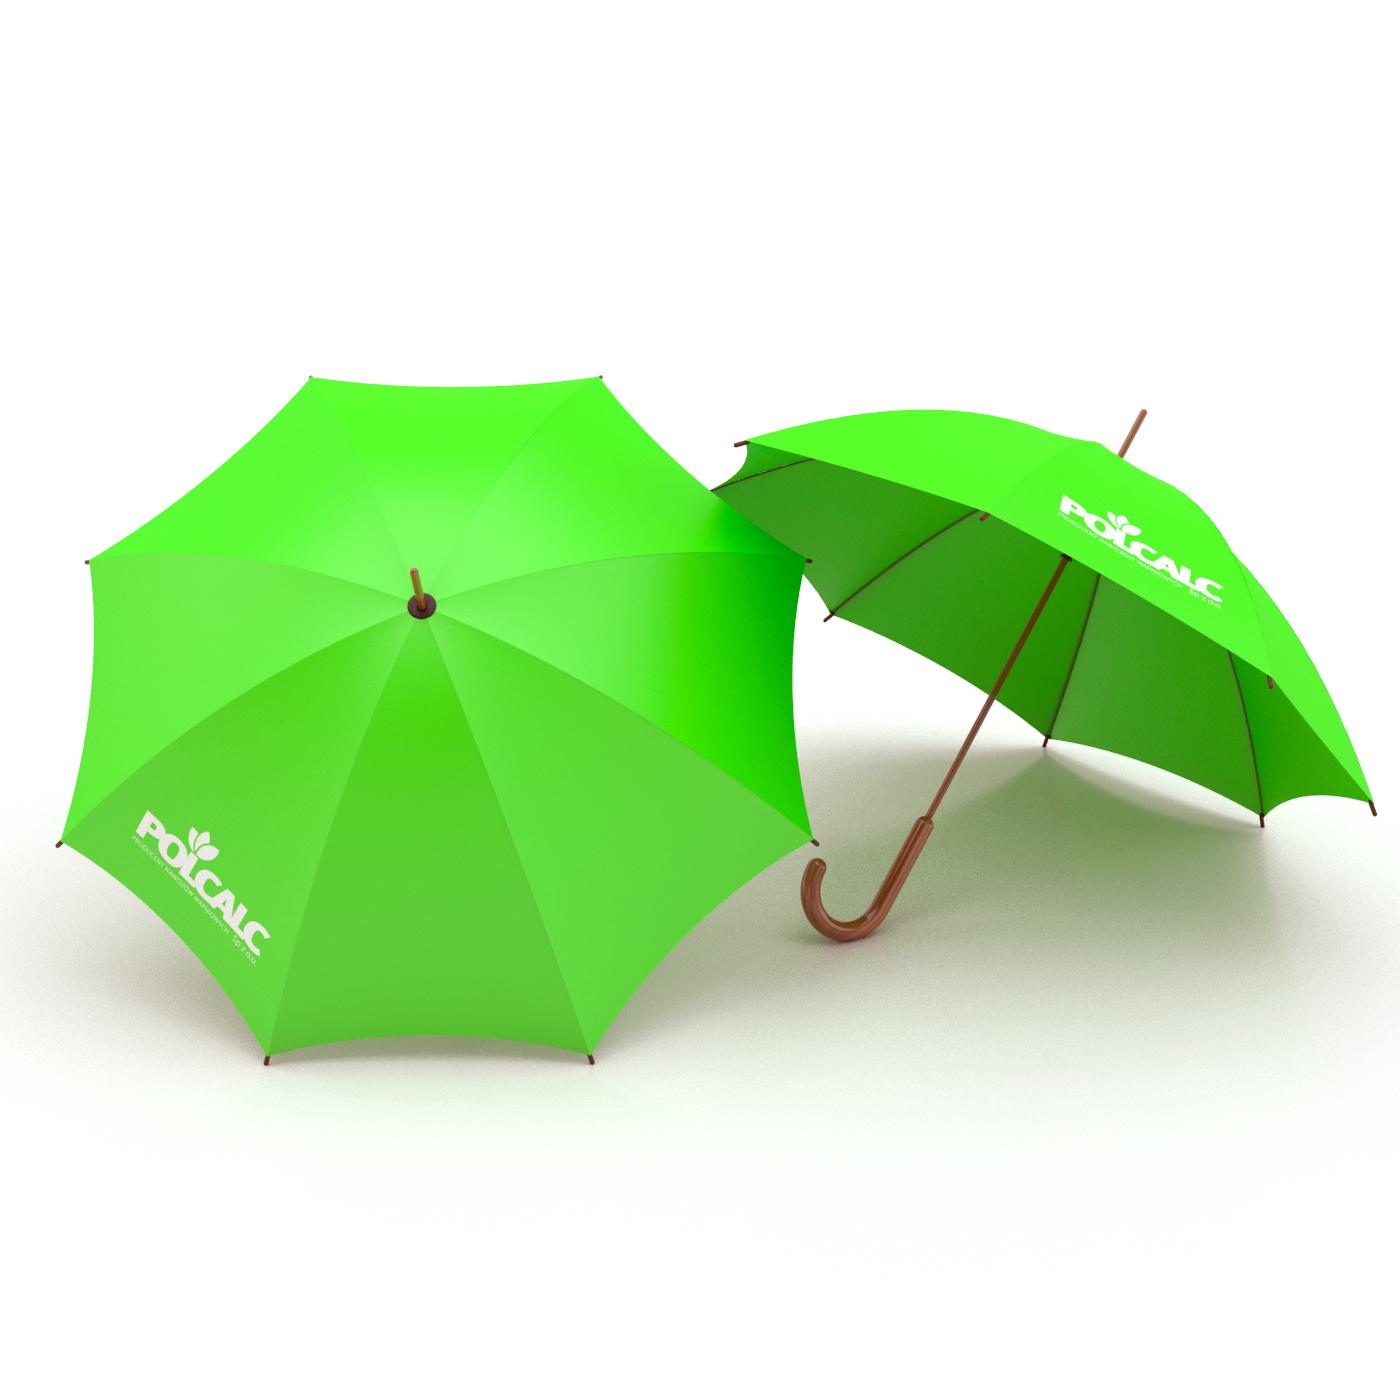 parasol-polcalc.jpg